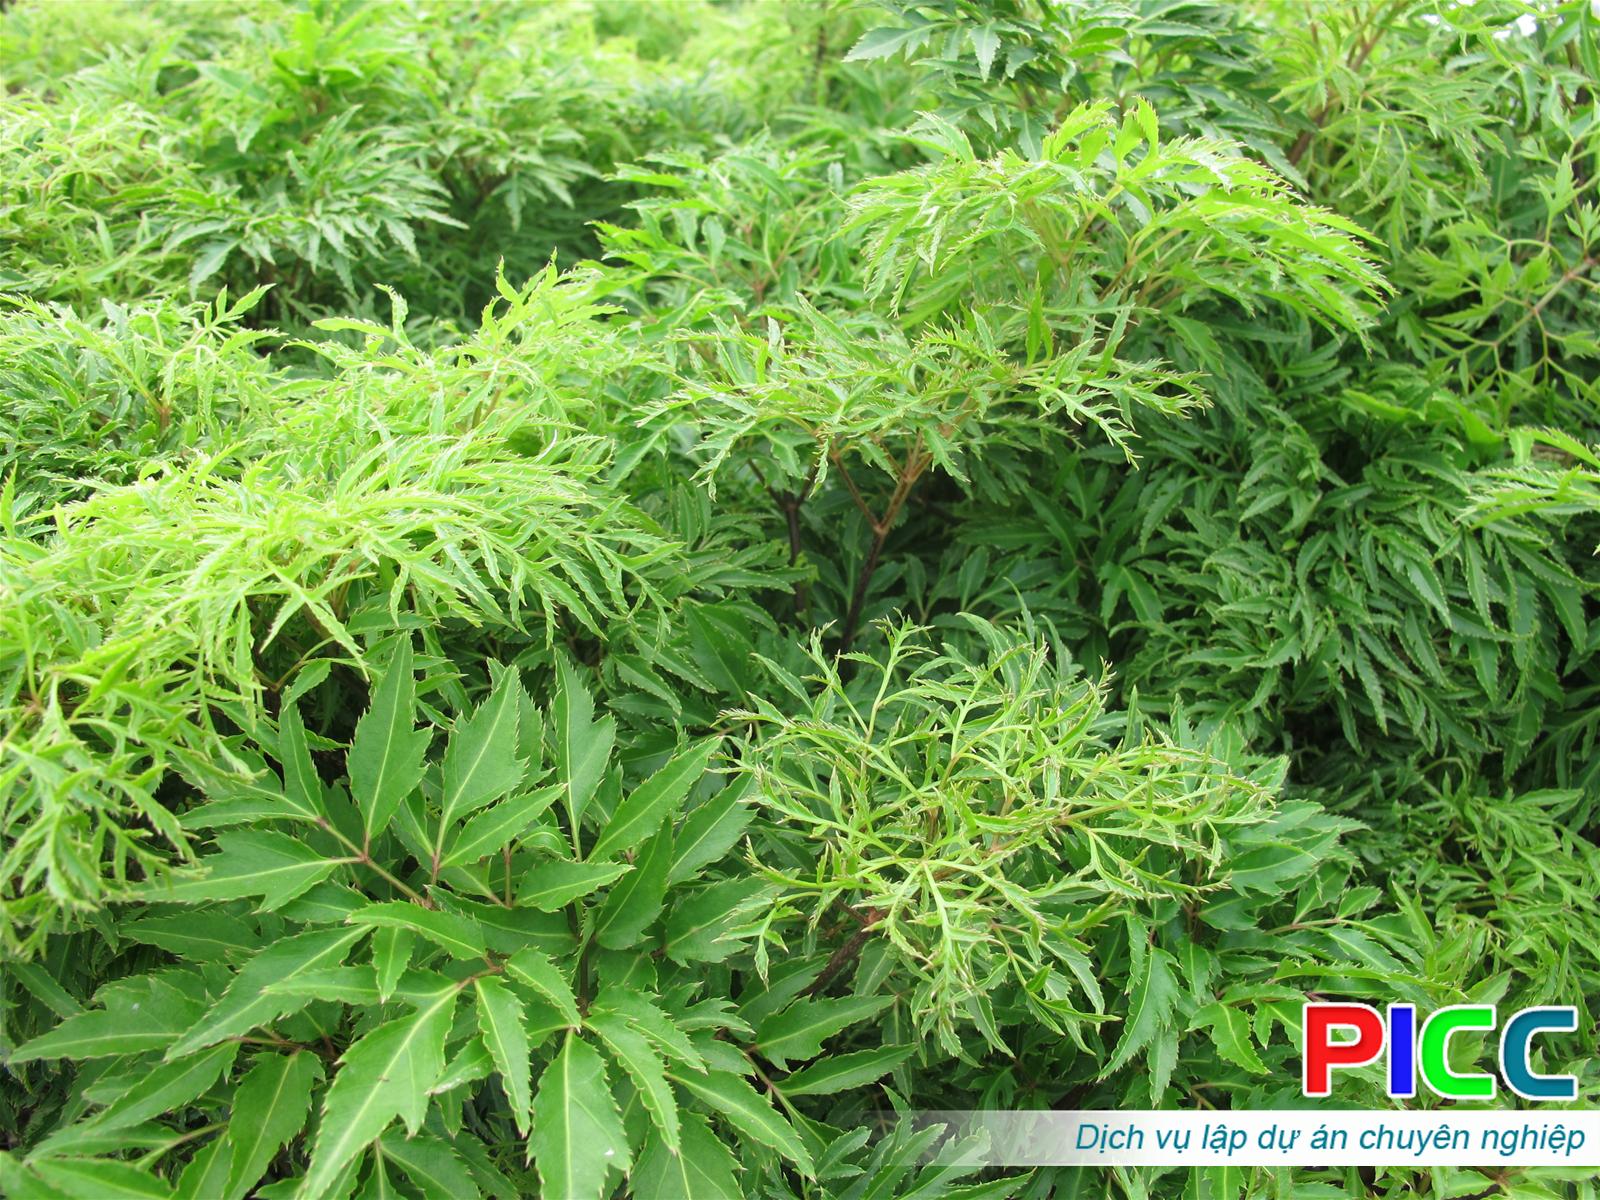 Dự án cải tạo rừng nghèo trồng cây dược liệu